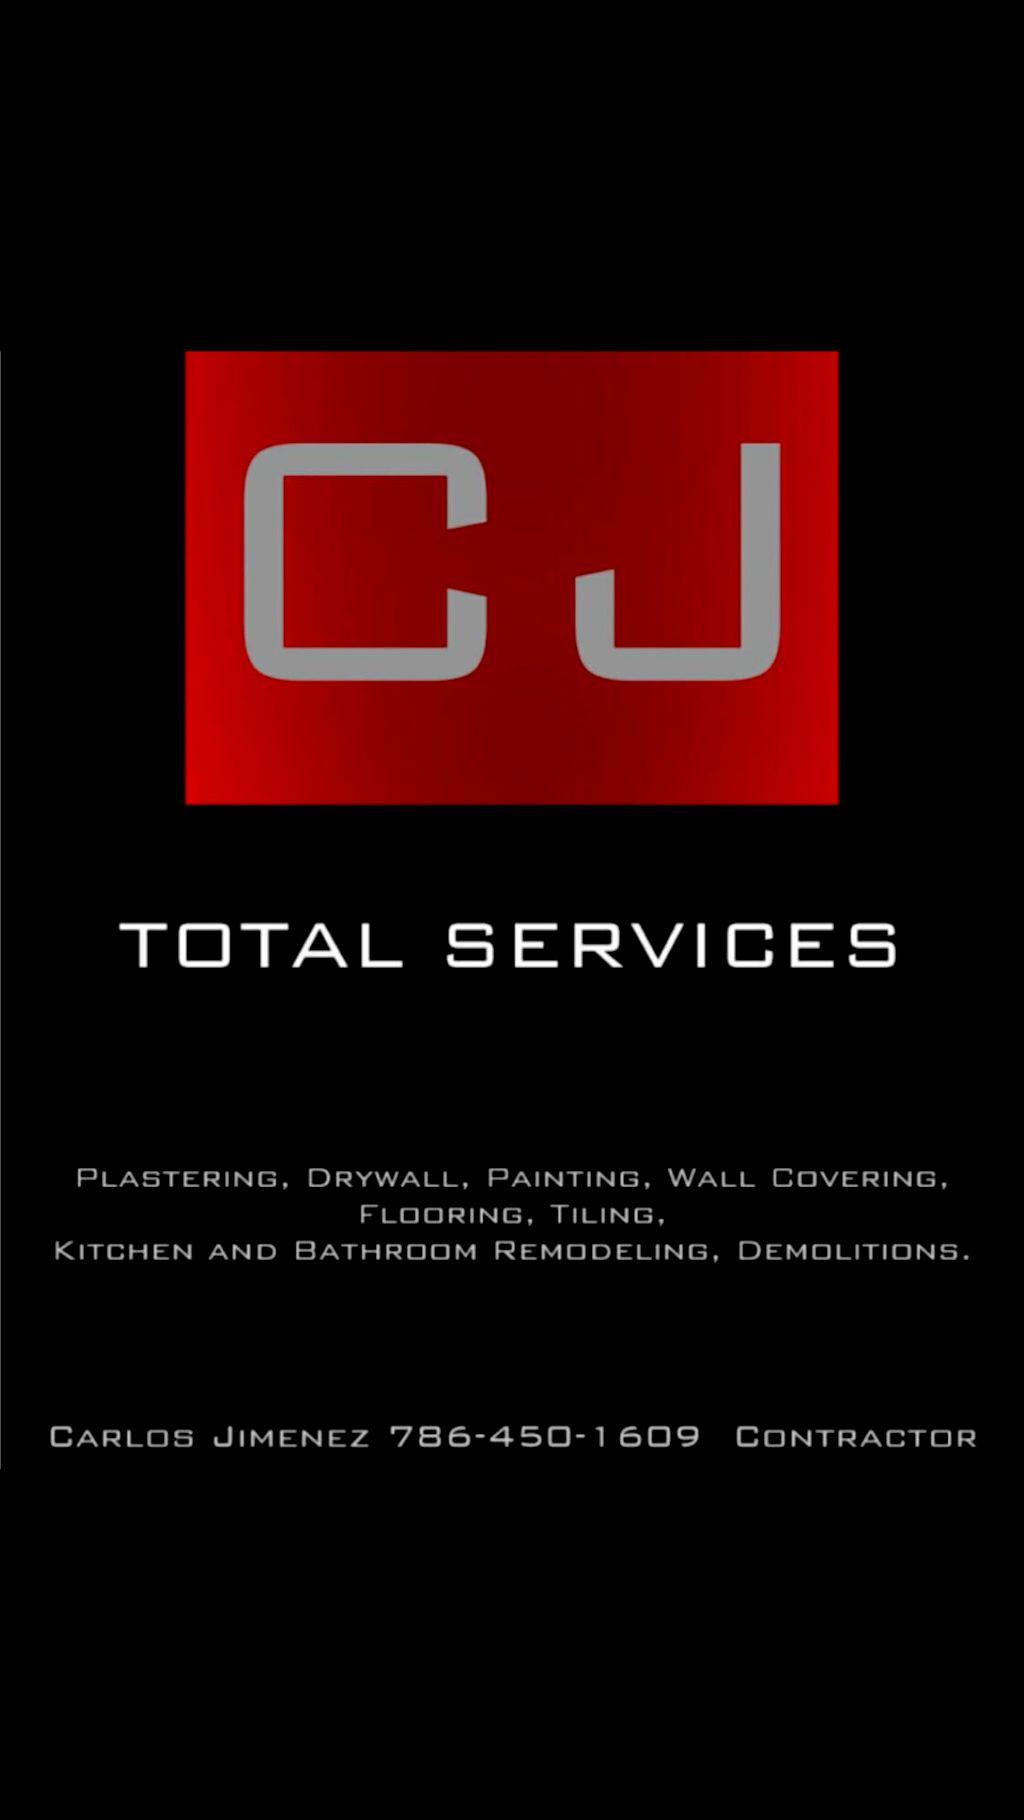 C J TOTAL SERVICES